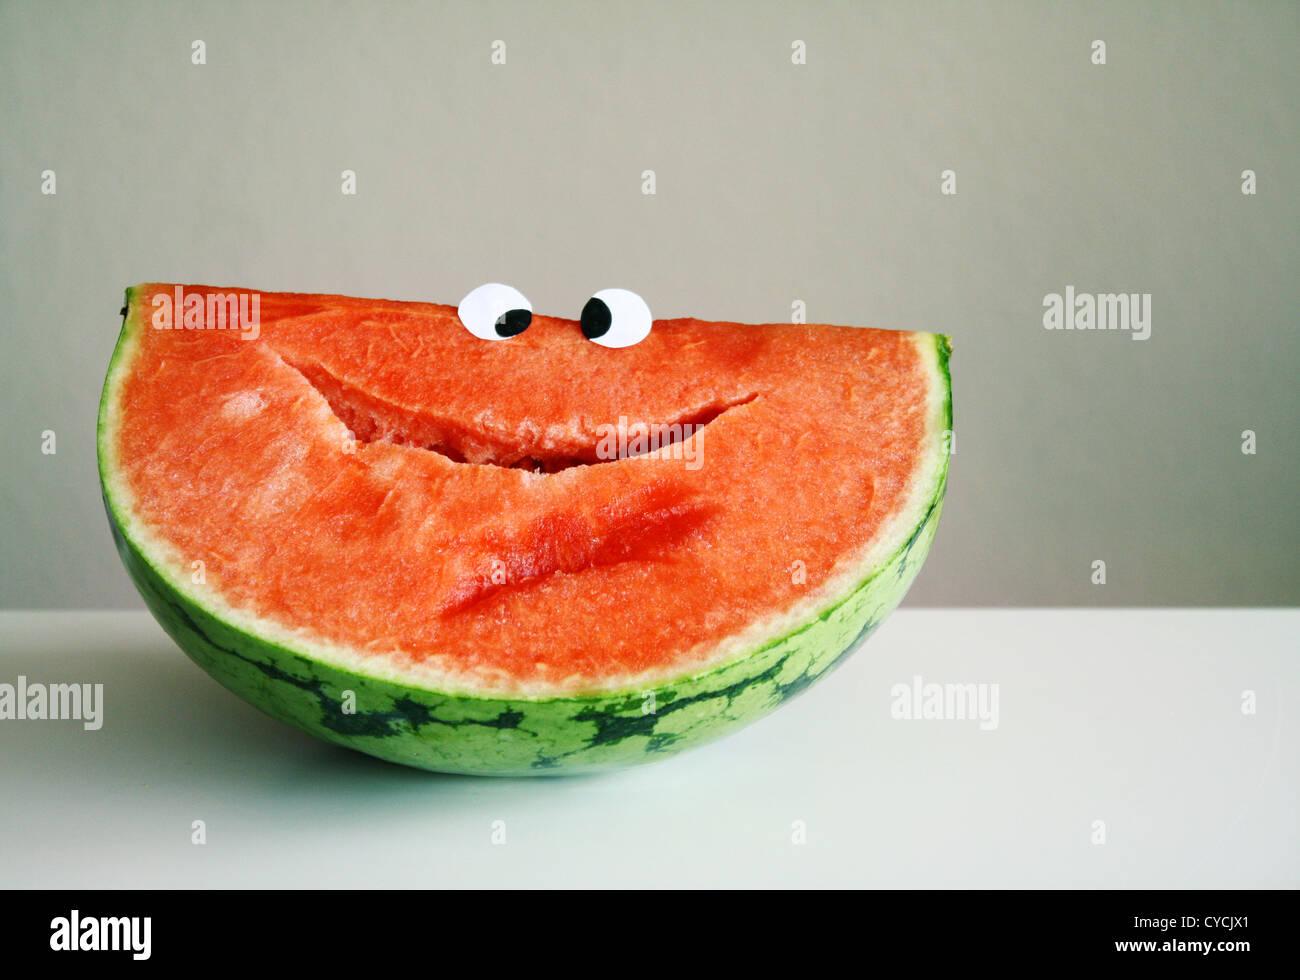 Sonriendo,frutas,Sandía Imagen De Stock